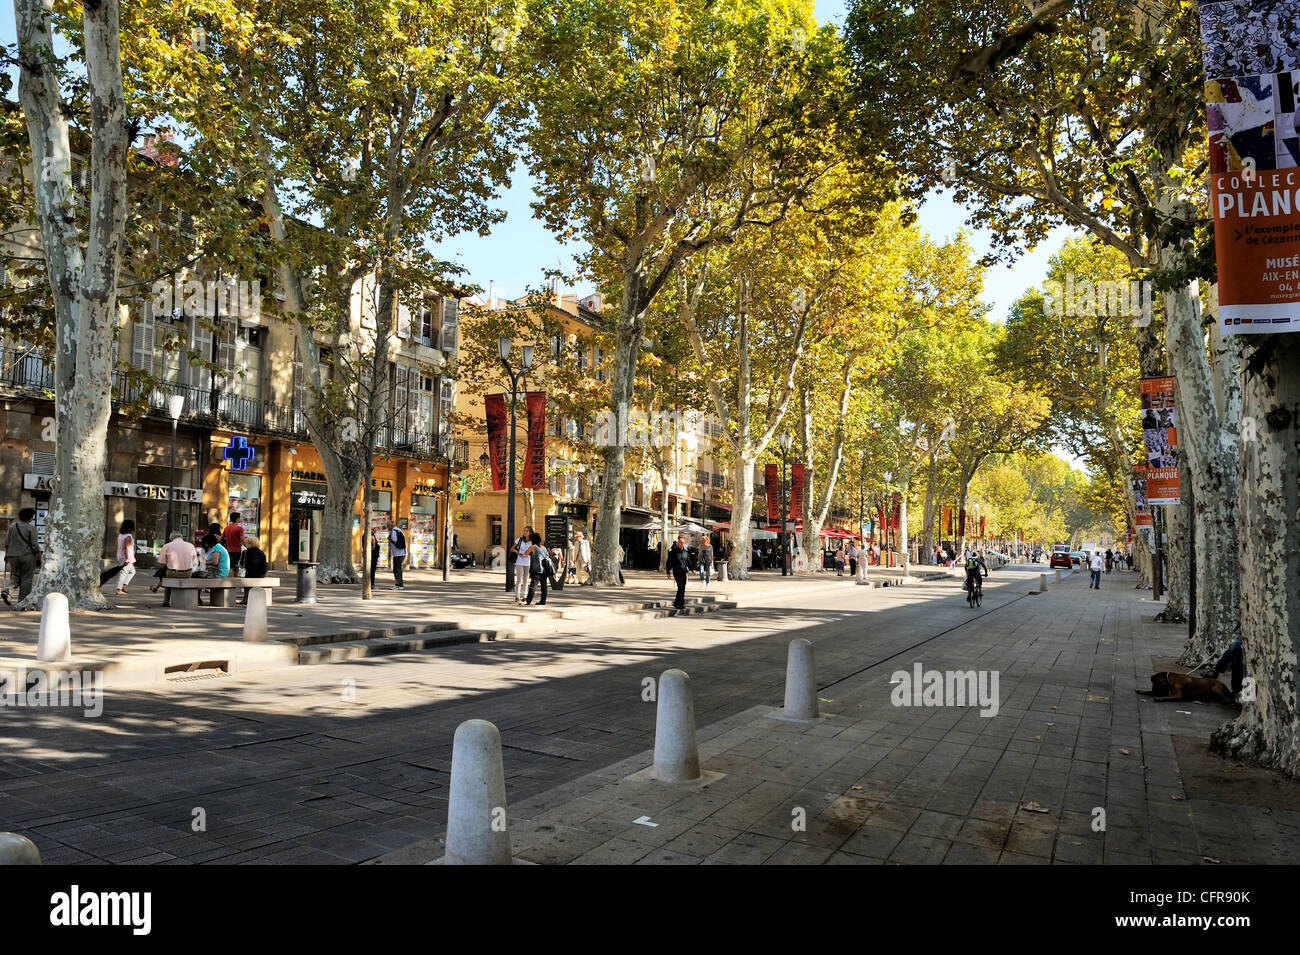 Aix en provence photos aix en provence images alamy - Cours de cuisine bouches du rhone ...